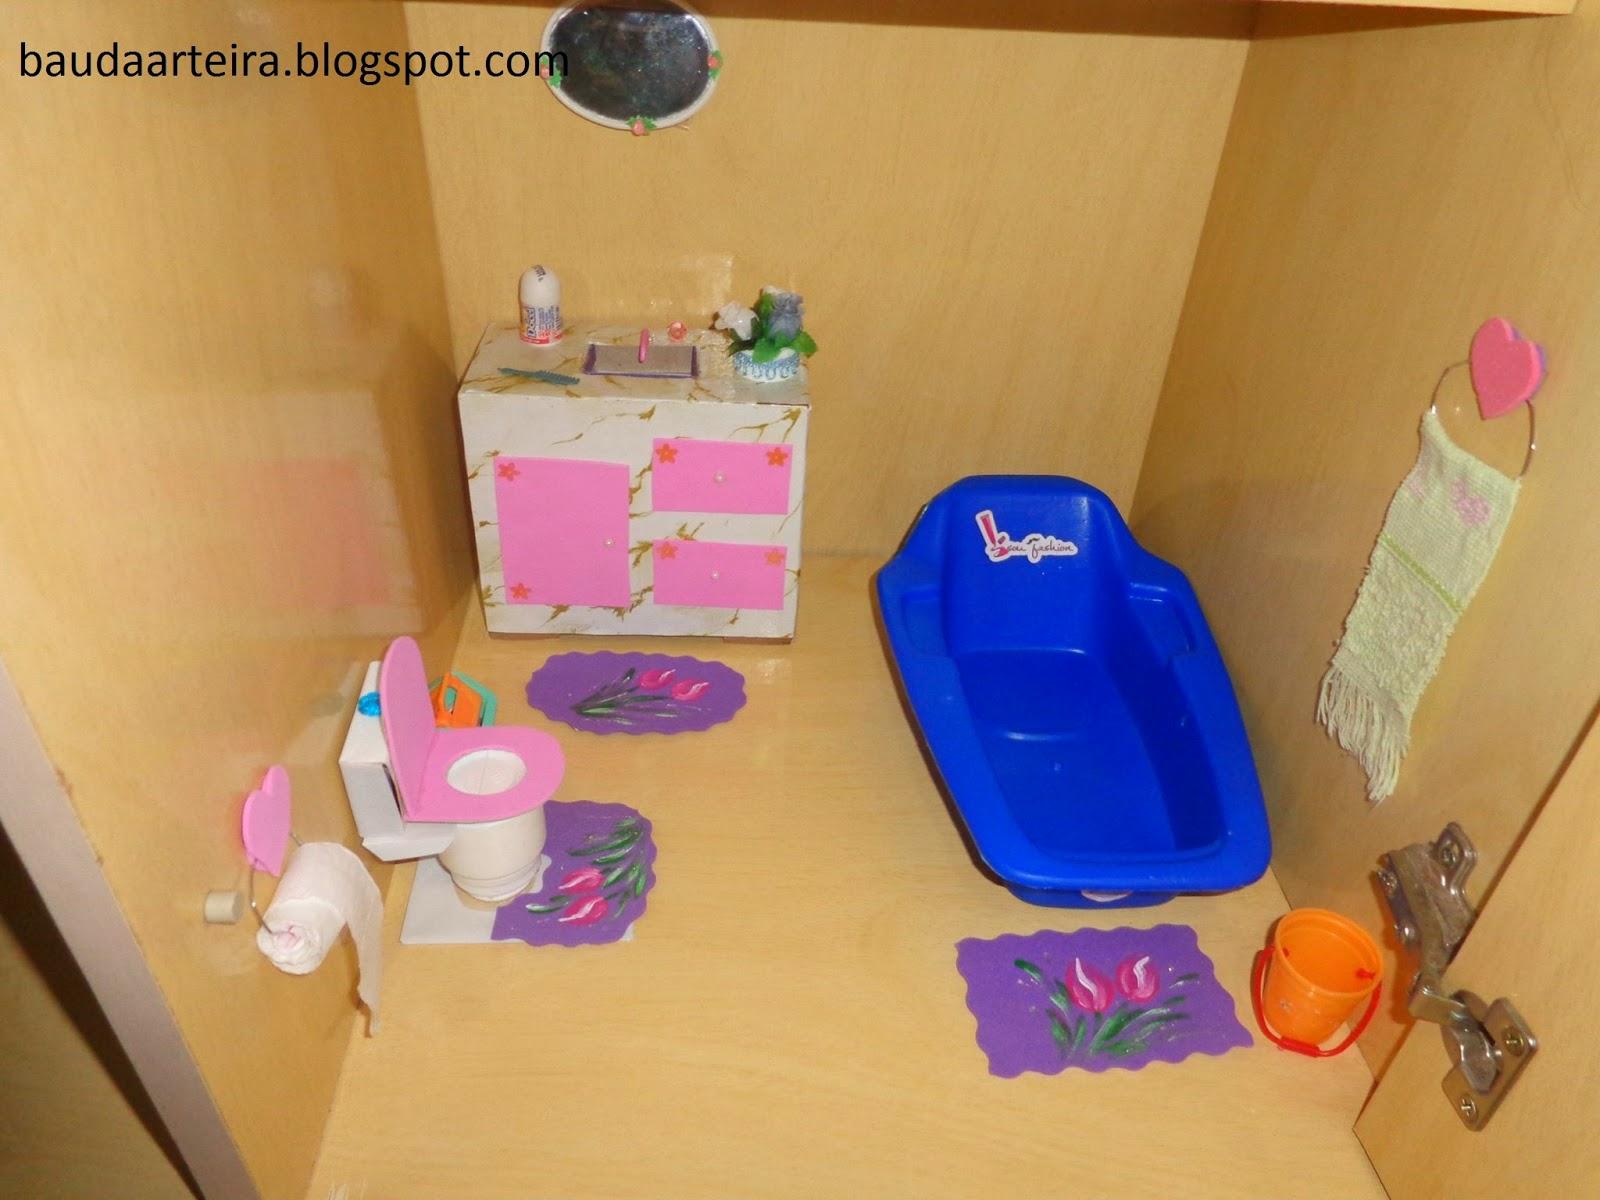 Fiz o conjunto de tapetes de EVA e pintei. #022AC0 1600x1200 Banheiro Da Barbie De Papelão